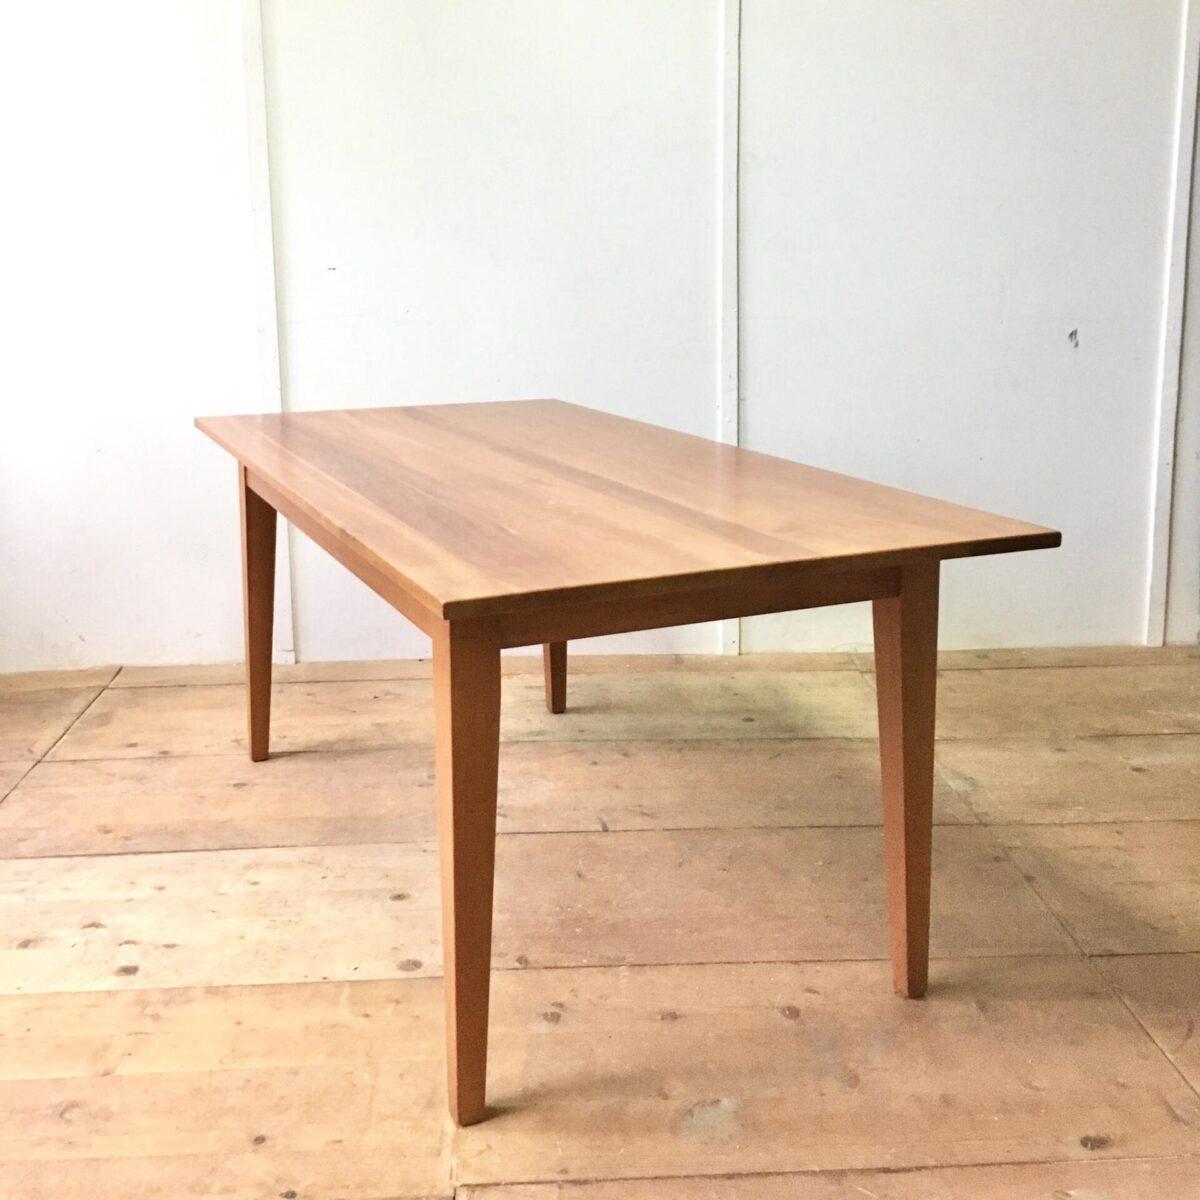 Kirschbaum Esstisch 180cm mal 90cm Höhe 76cm. Schlichter Vollholz Tisch aus Kirschbaum im Biedermeier Stil.